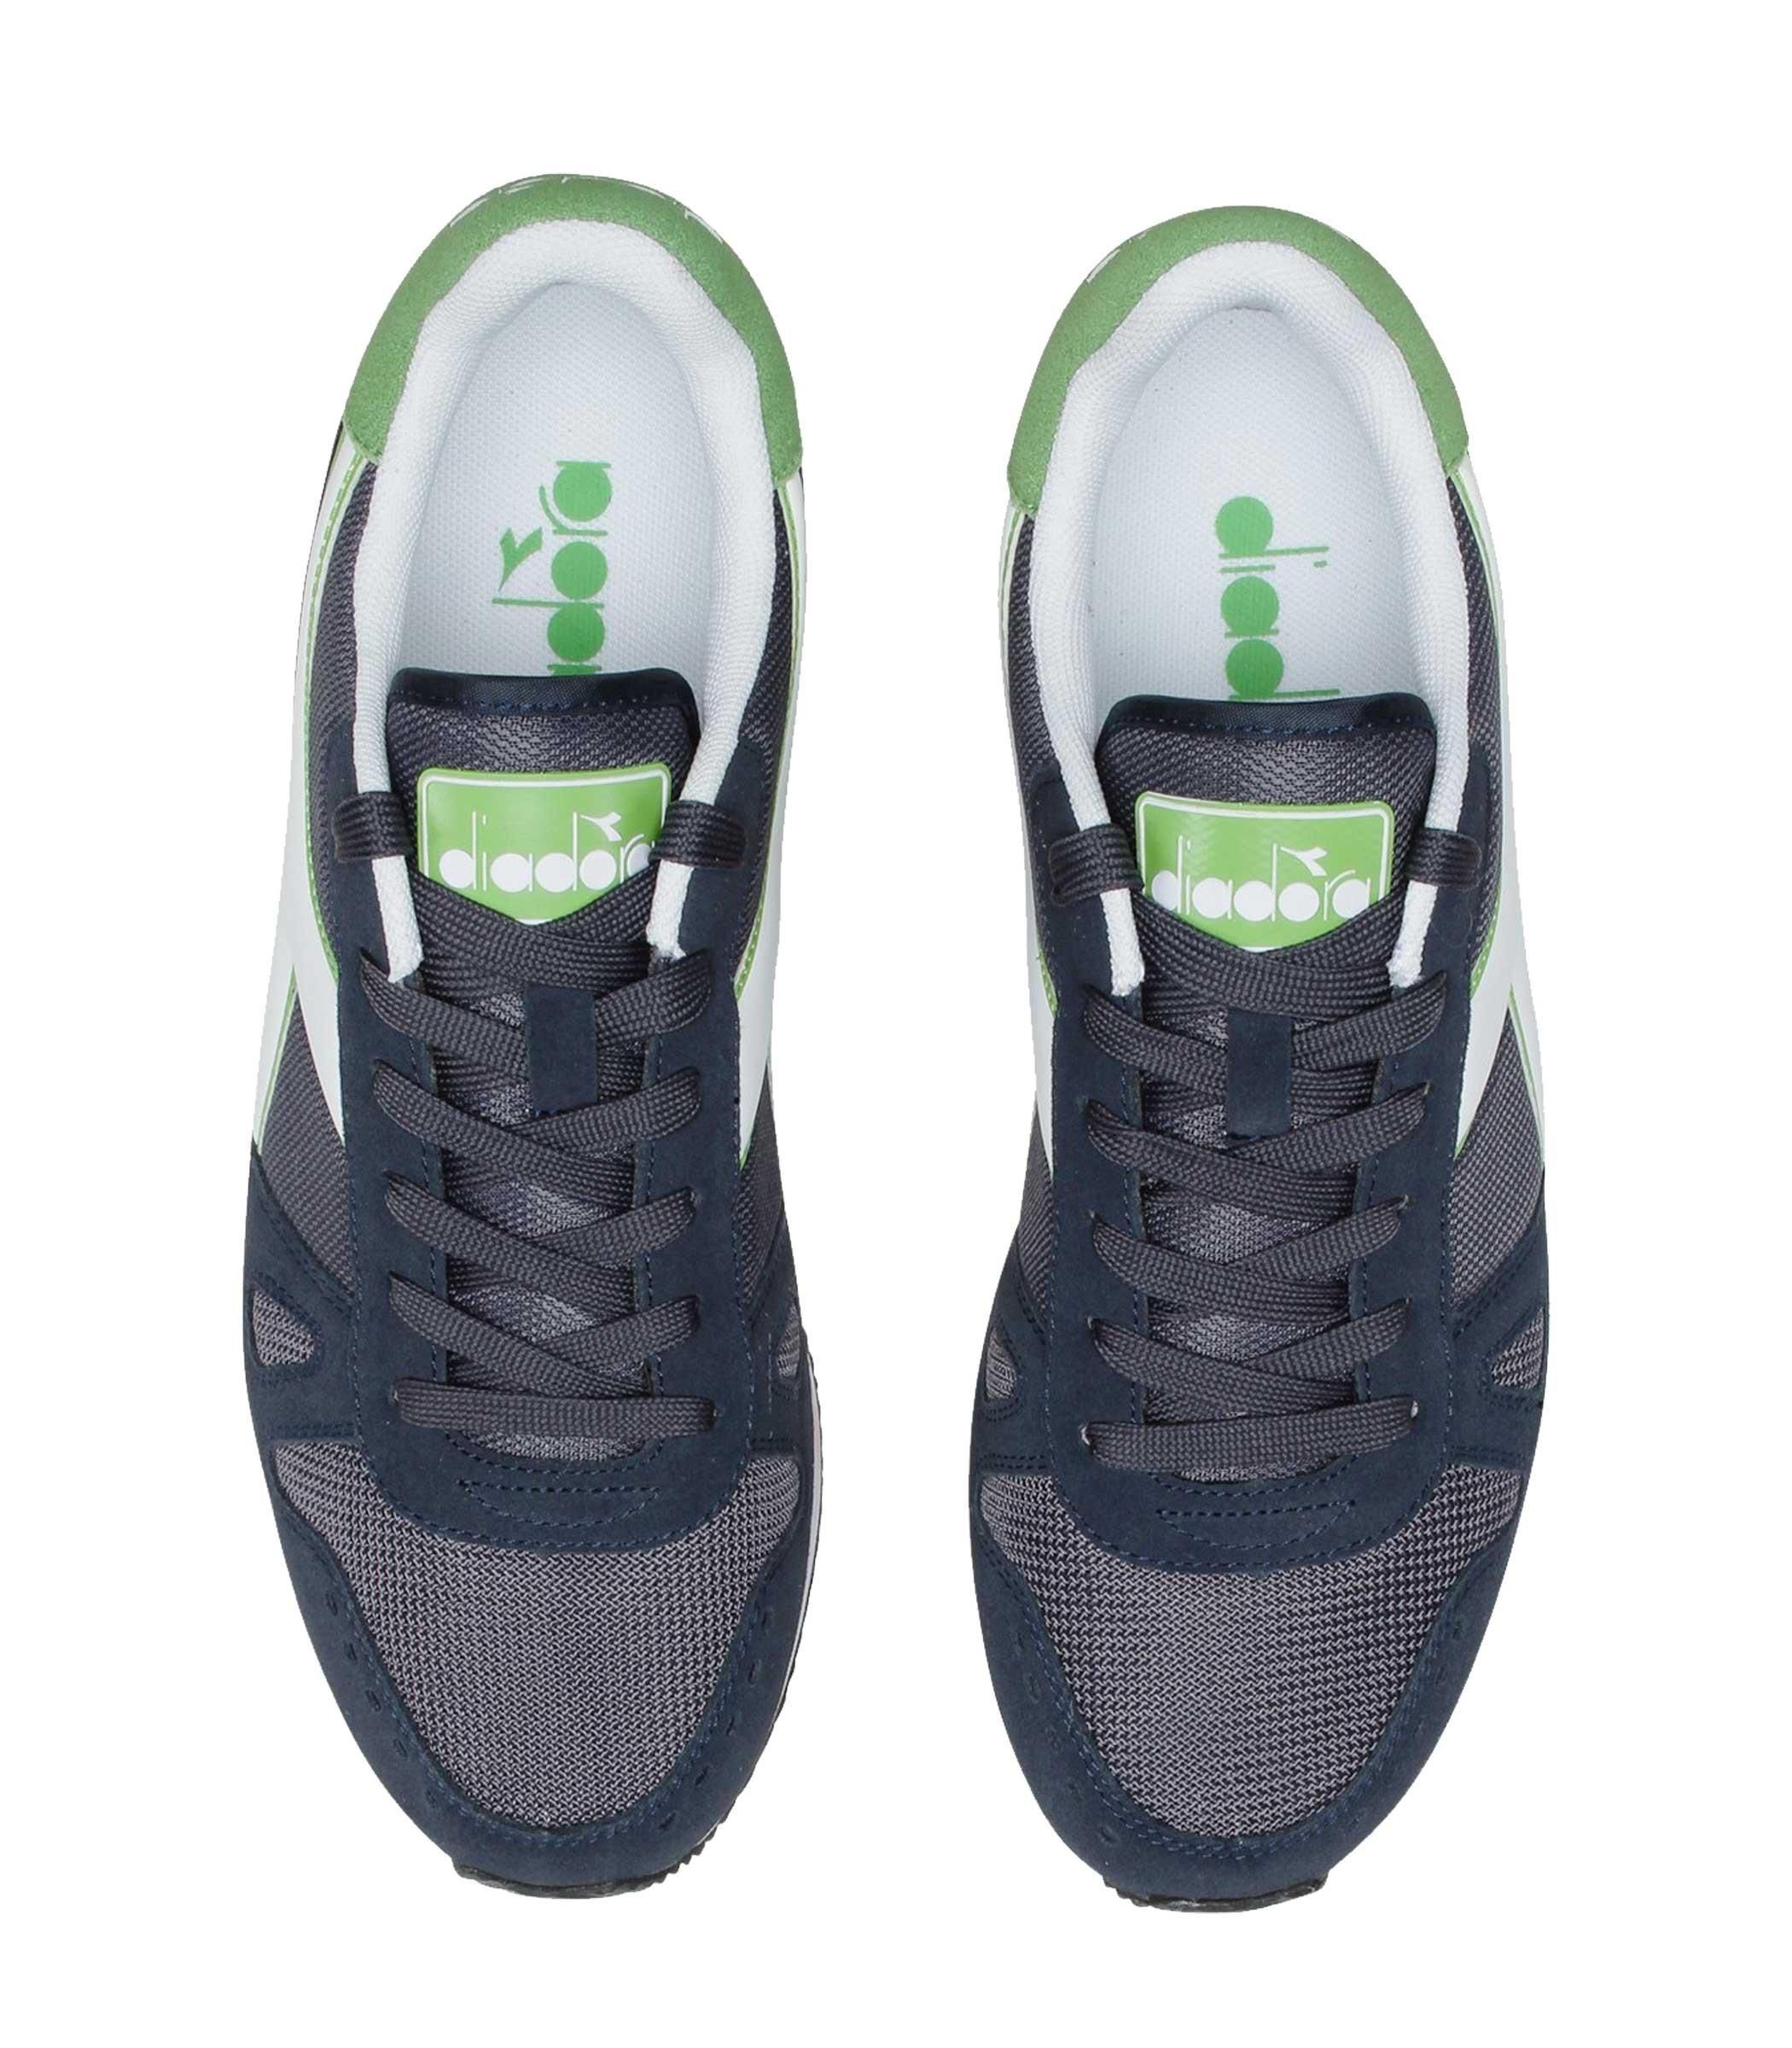 Scarpe Sneakers Diadora SIMPLE RUN da uomo rif. 101.173745 b738ede8e8e